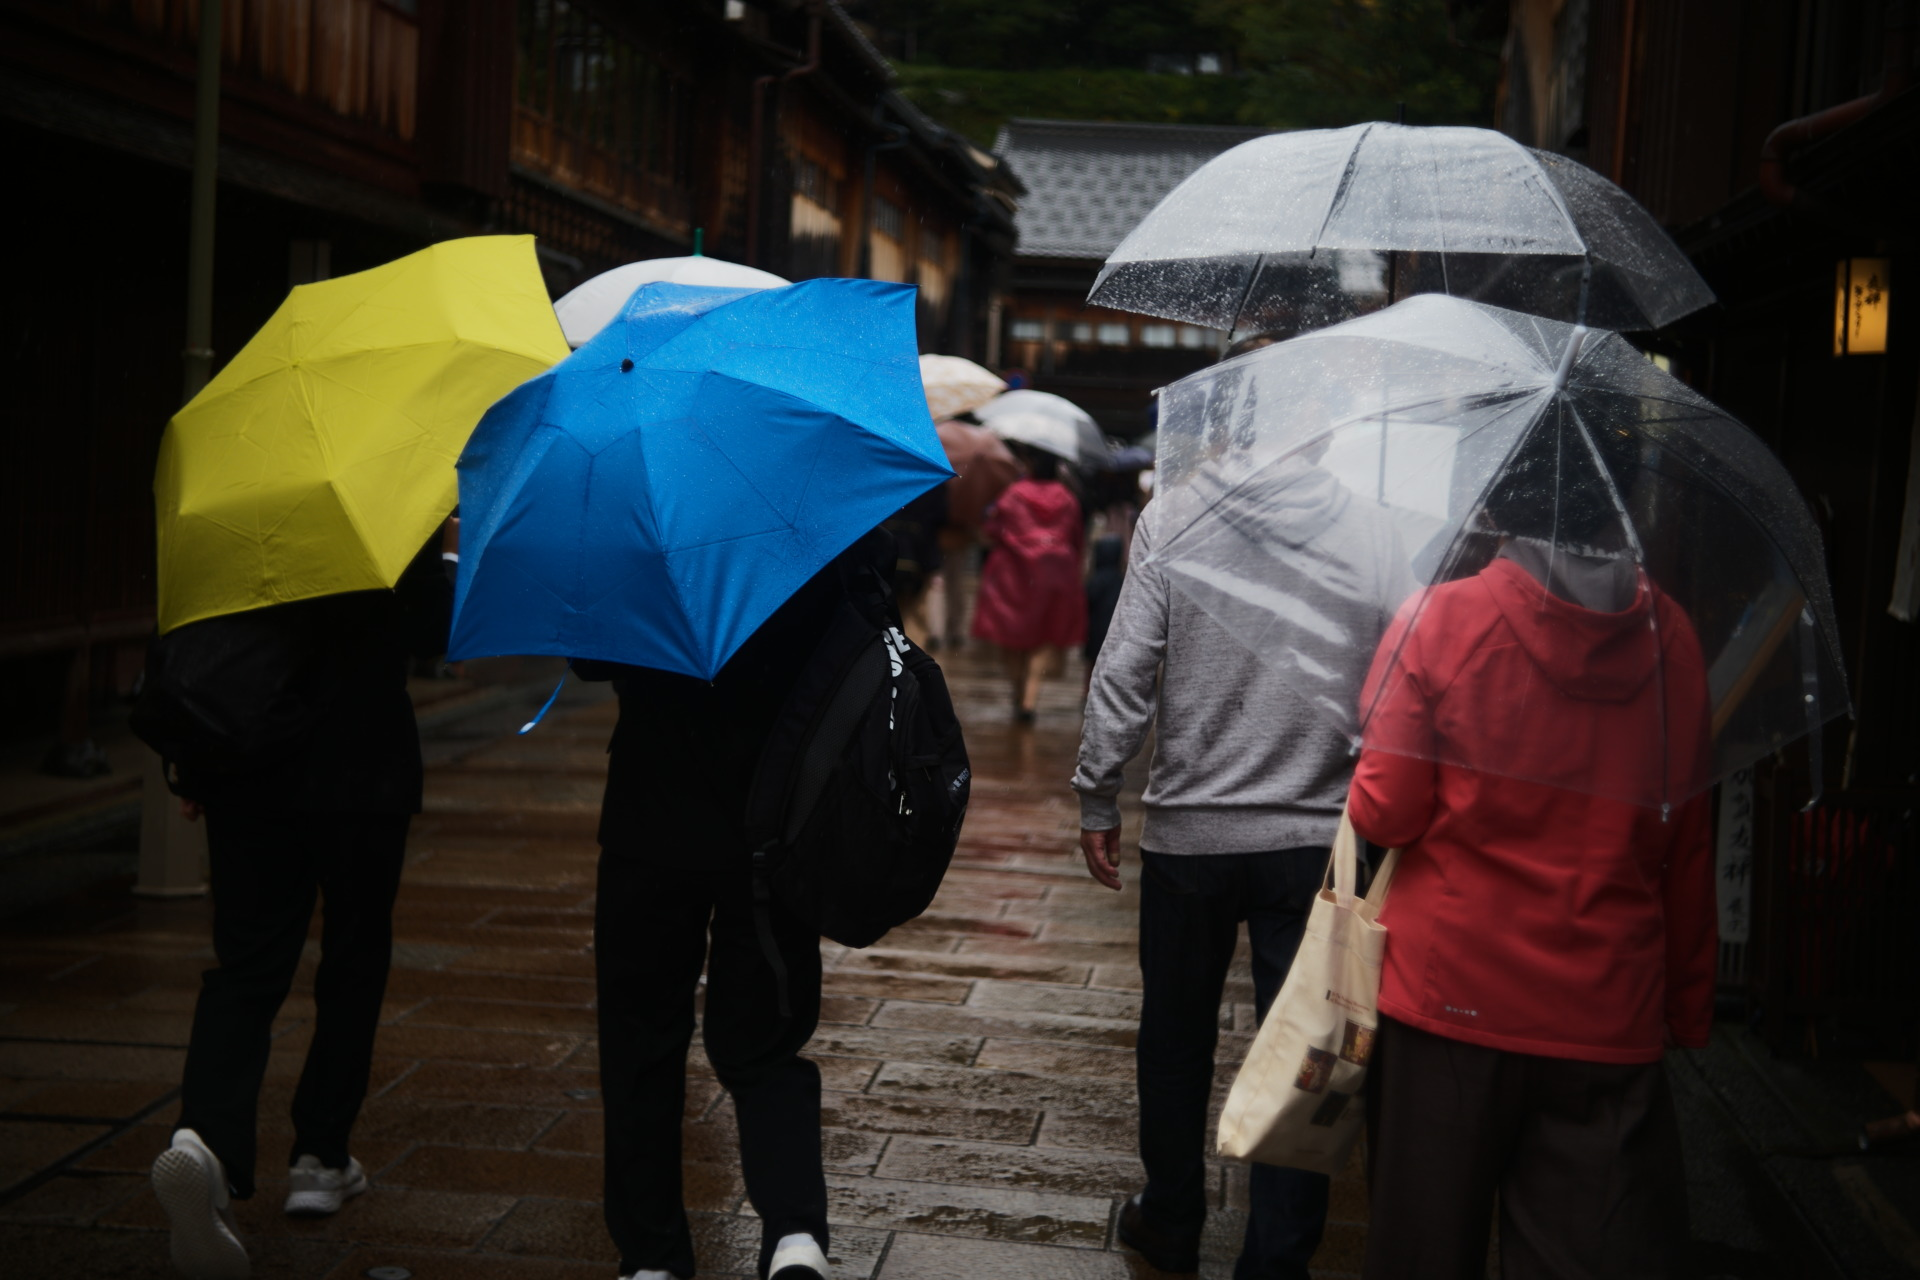 ライカの50mmは色々使ったけど、結局ズマールに落ち着いた。Summarで撮る金沢のひがし茶屋街。